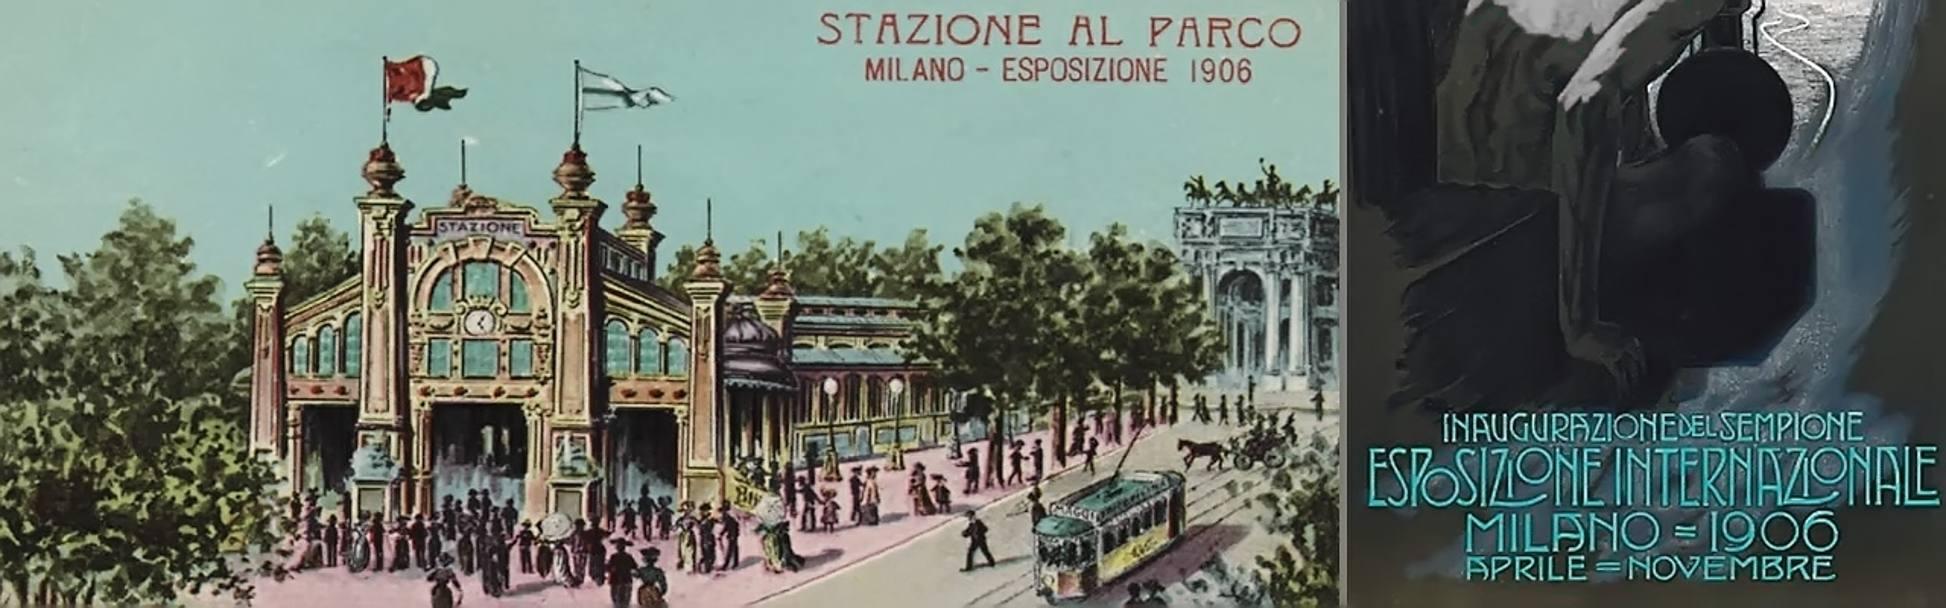 Expo 1906 il mondo si incontr a milano for Esposizione universale expo milano 2015